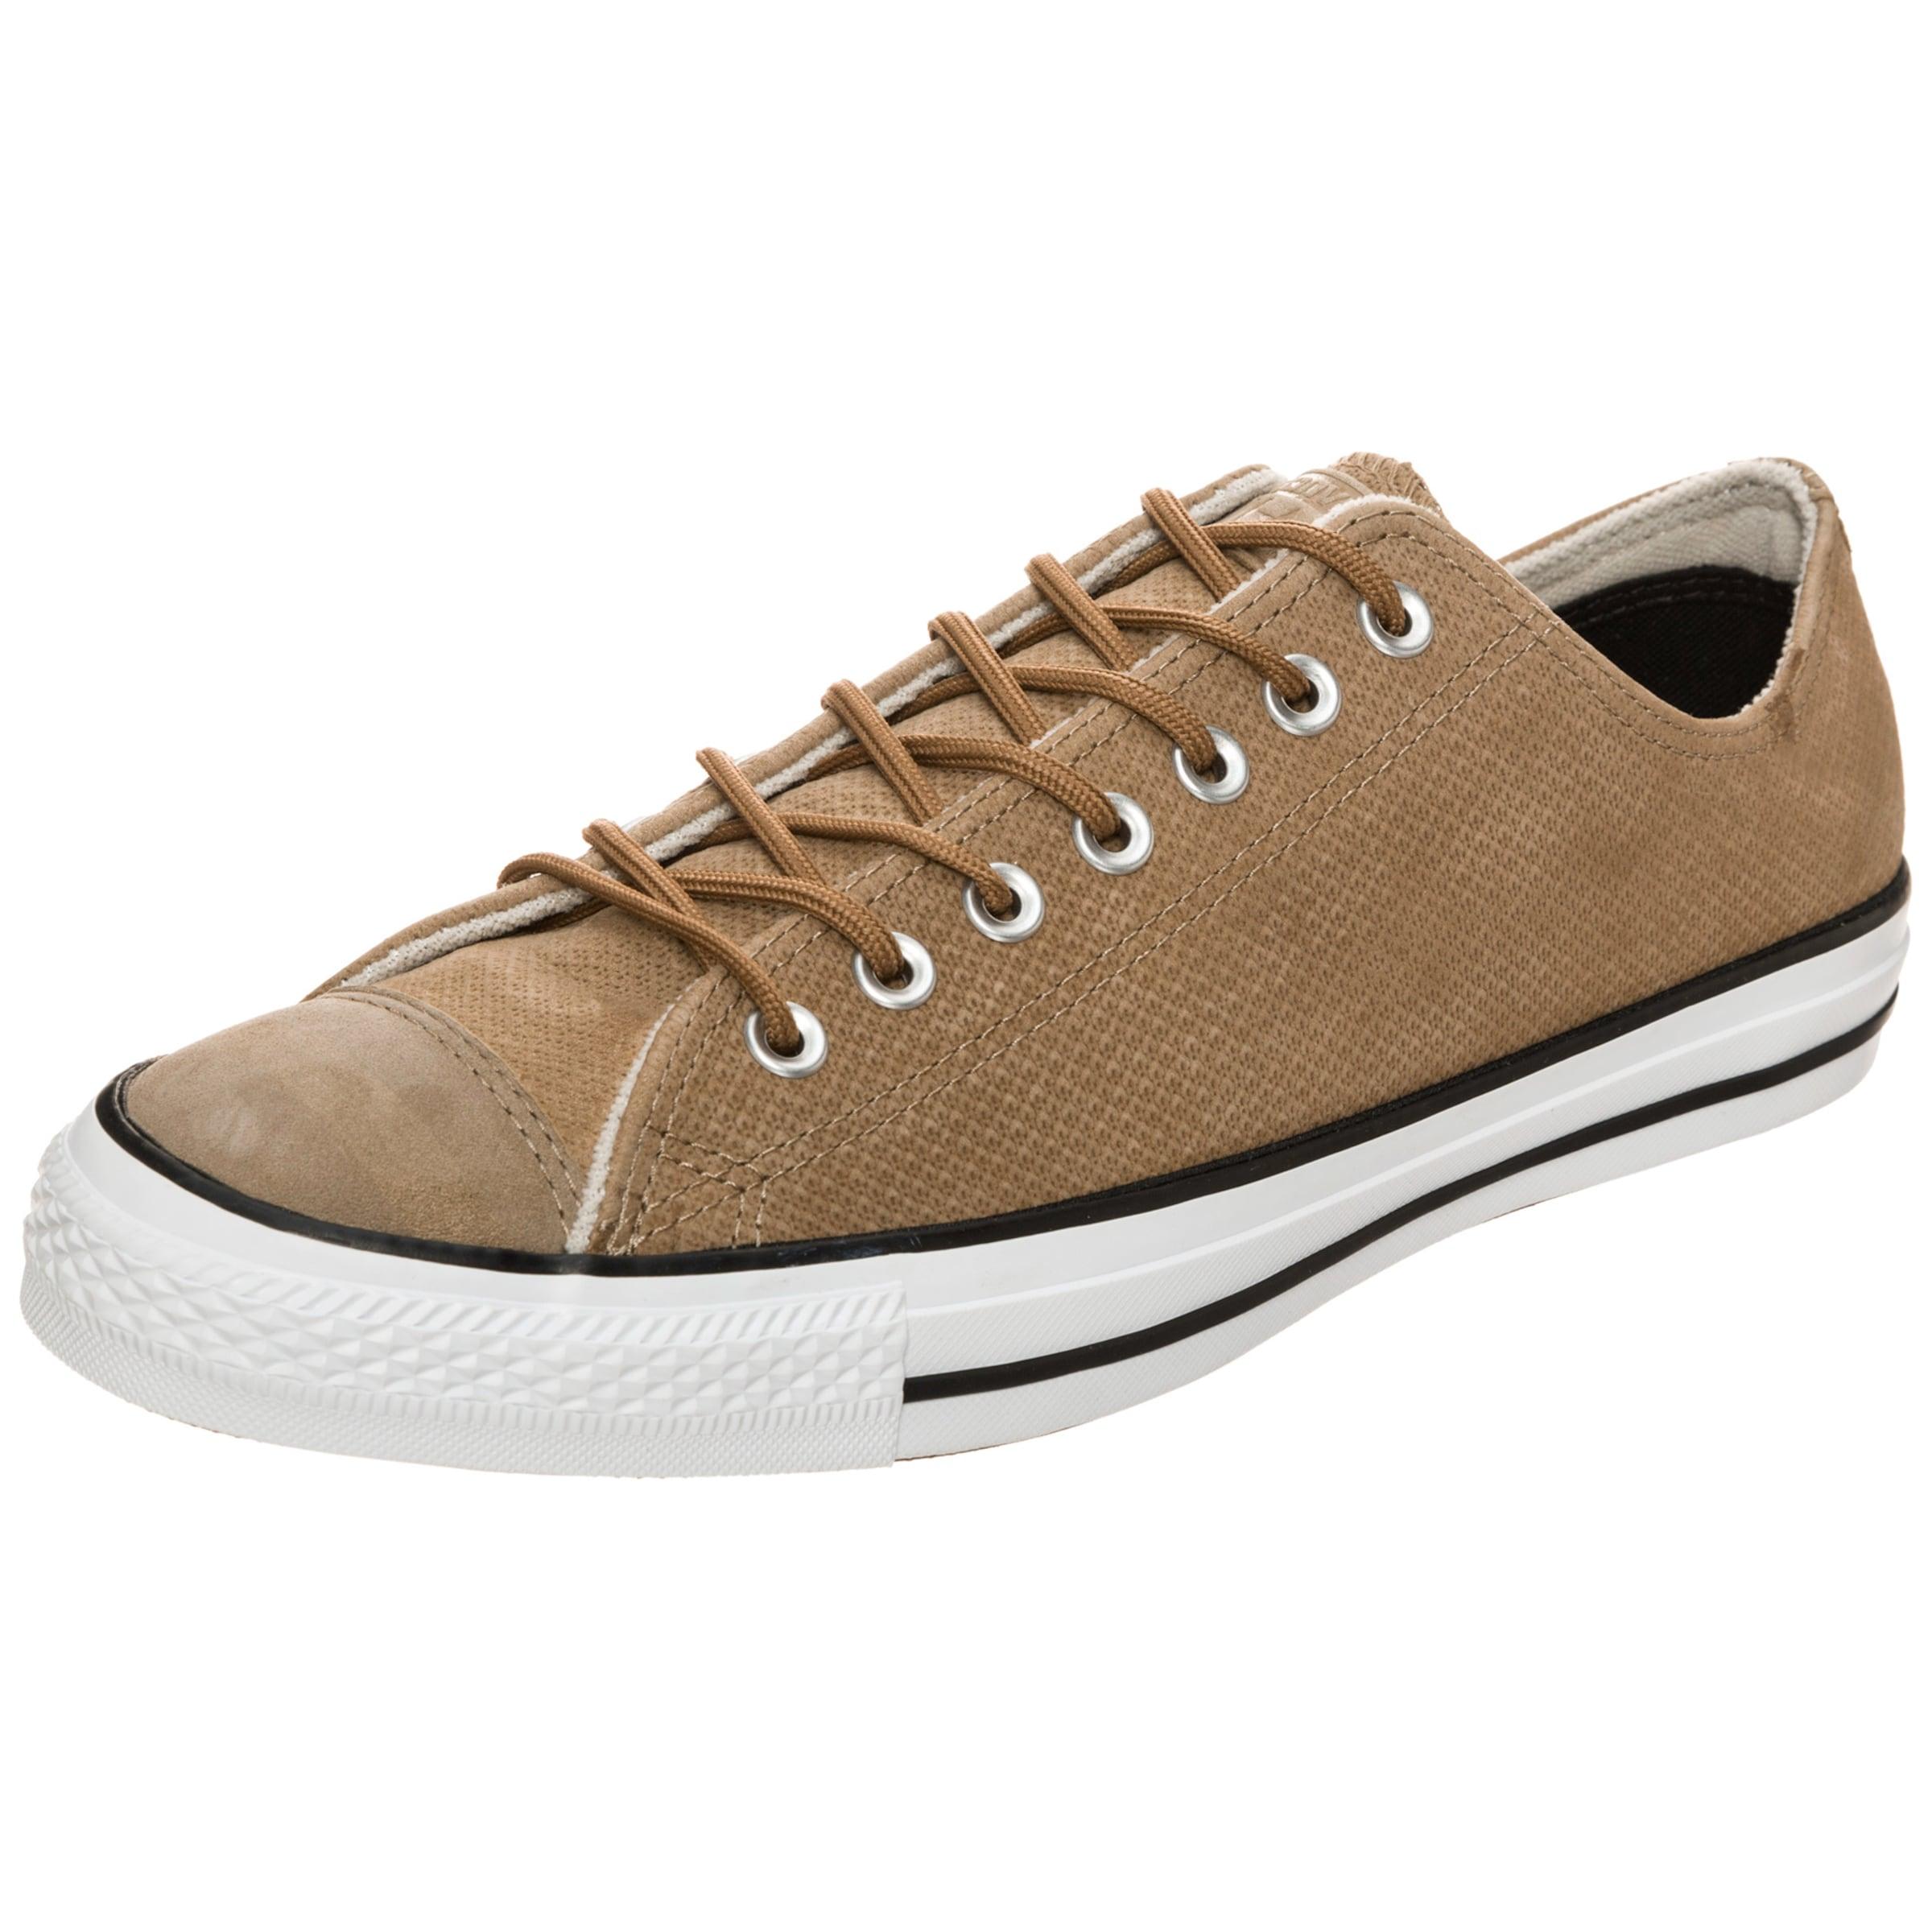 CONVERSE Chuck Taylor All Star OX Sneaker Herren